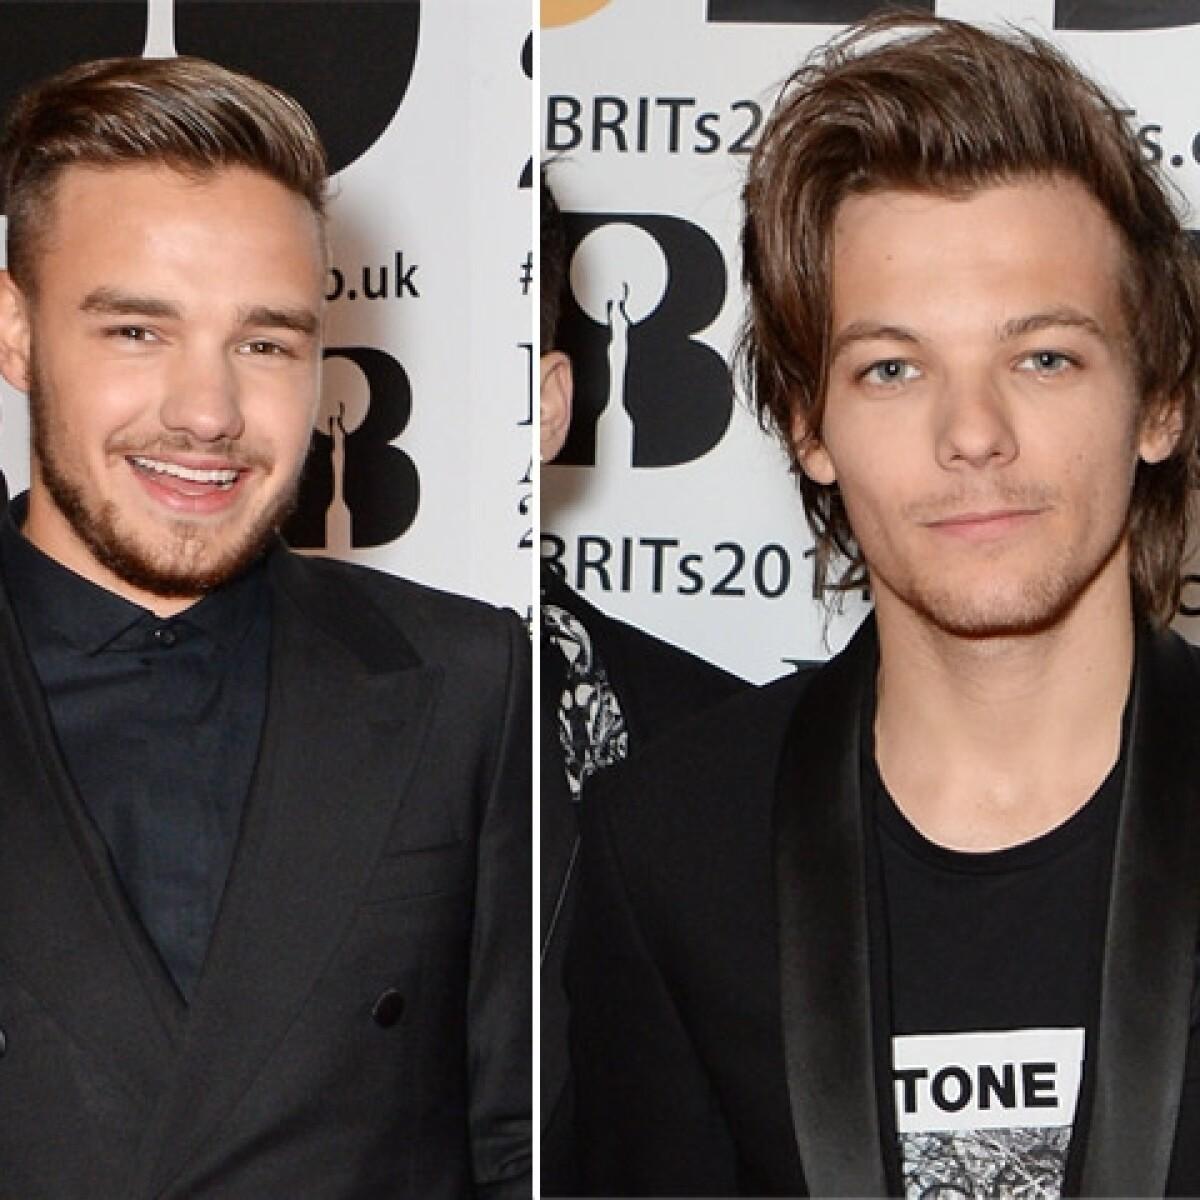 ¿Quiénes son los integrantes de One Direction que ganan más?